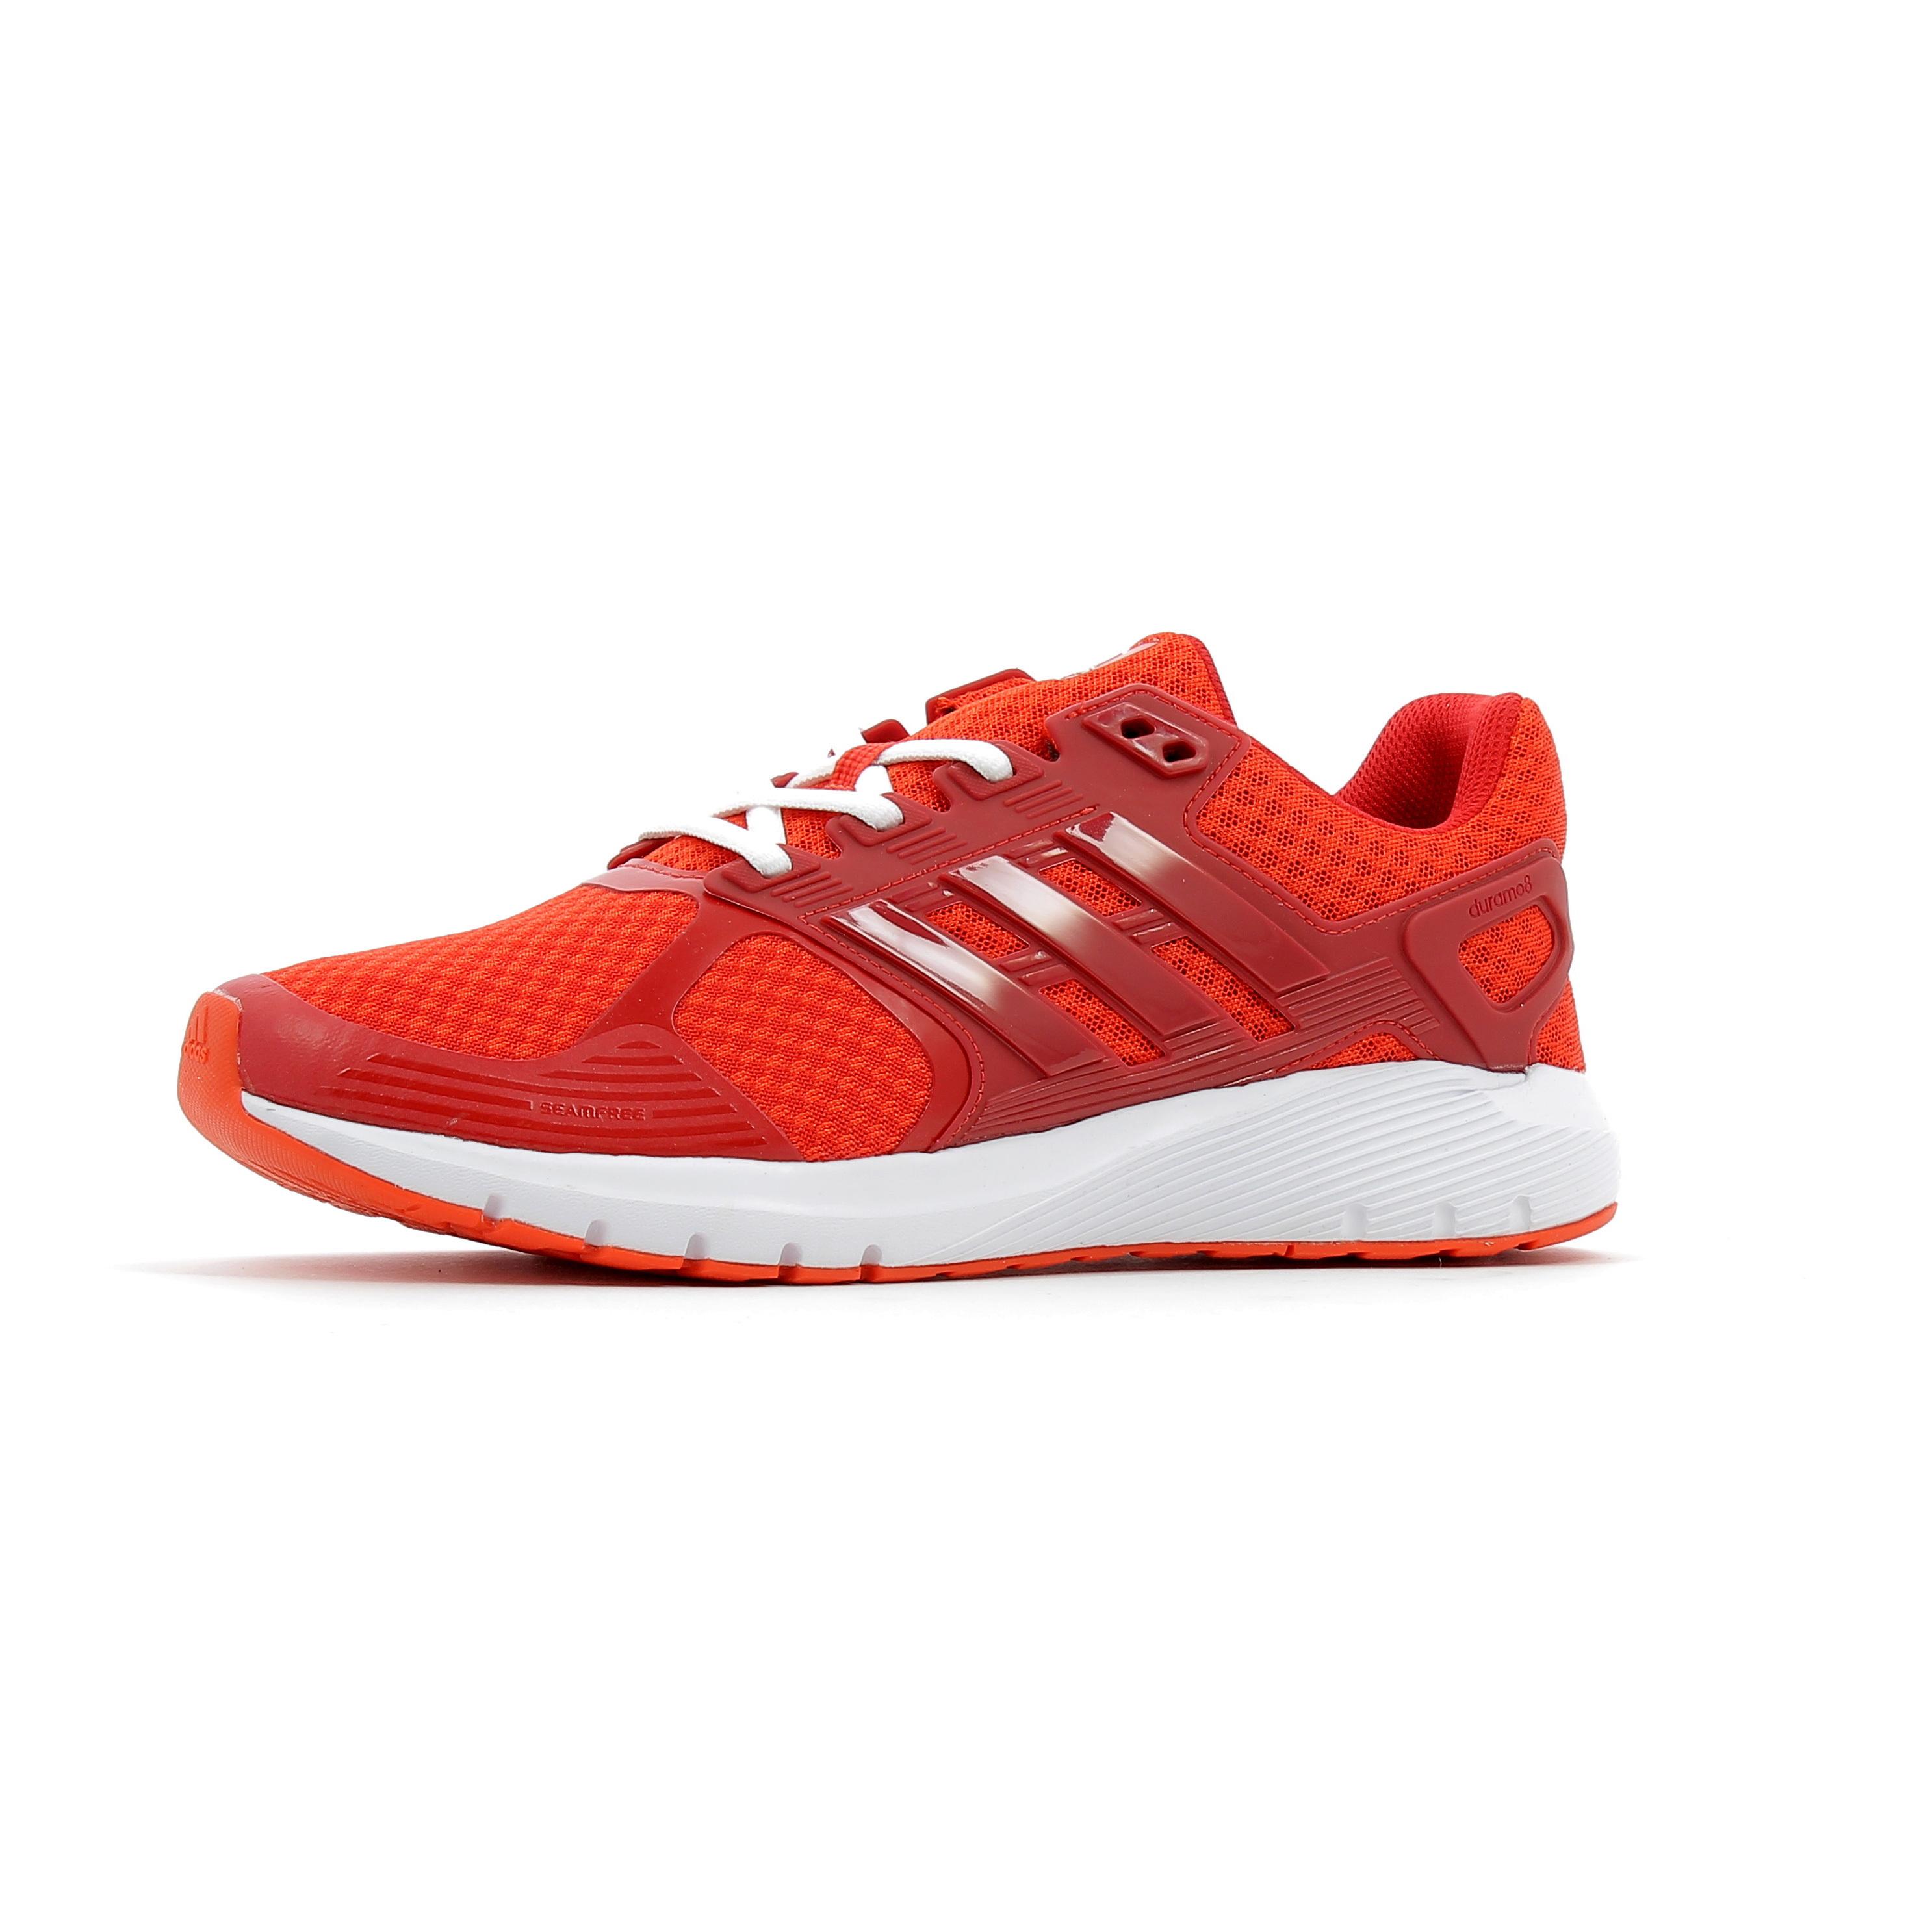 Chaussure de running Duramo 8 M